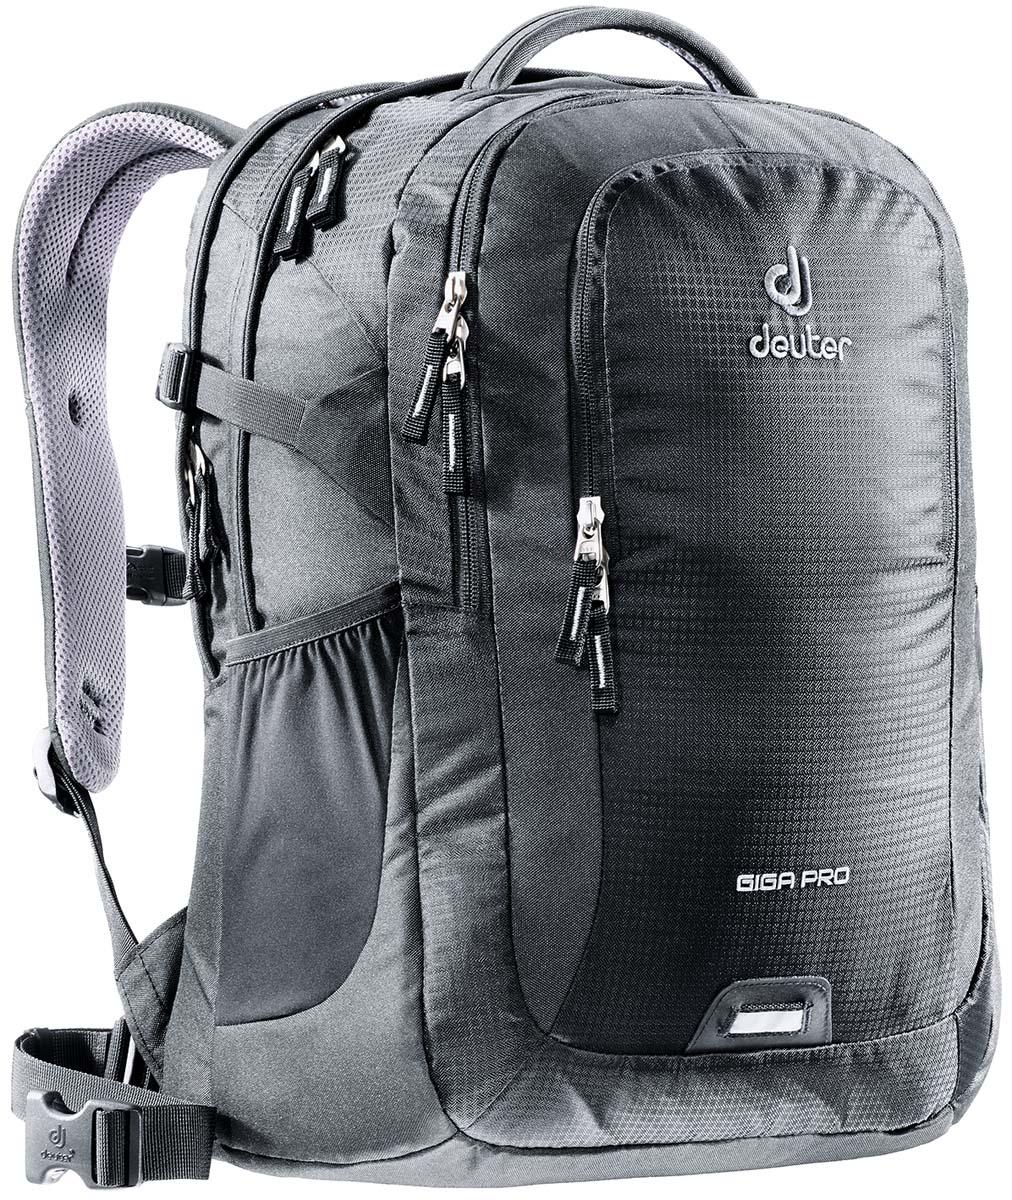 Рюкзак Deuter Daypacks Giga Pro, цвет: черный, 31 л80434_7000Городской рюкзак Deuter Giga Pro правильный выбор для тех, кто ищет профессиональный рюкзак: все принадлежности идеально расположены и защищены.Имеется специальное мягкое съемное отделение для ноутбука. Система спинки Airstripes, большое основное отделение, в котором помещаются папки для бумаг, дно имеет мягкую подкладку, компрессионные стропы, удобная ручка для переноски, большой передний карман на молнии с органайзером, съемный набедренный ремень, петля с отражателем, второе основное отделение, со съемной мягкой сумкой под ноутбук 15,6 дюймов, боковой сетчатый карман.